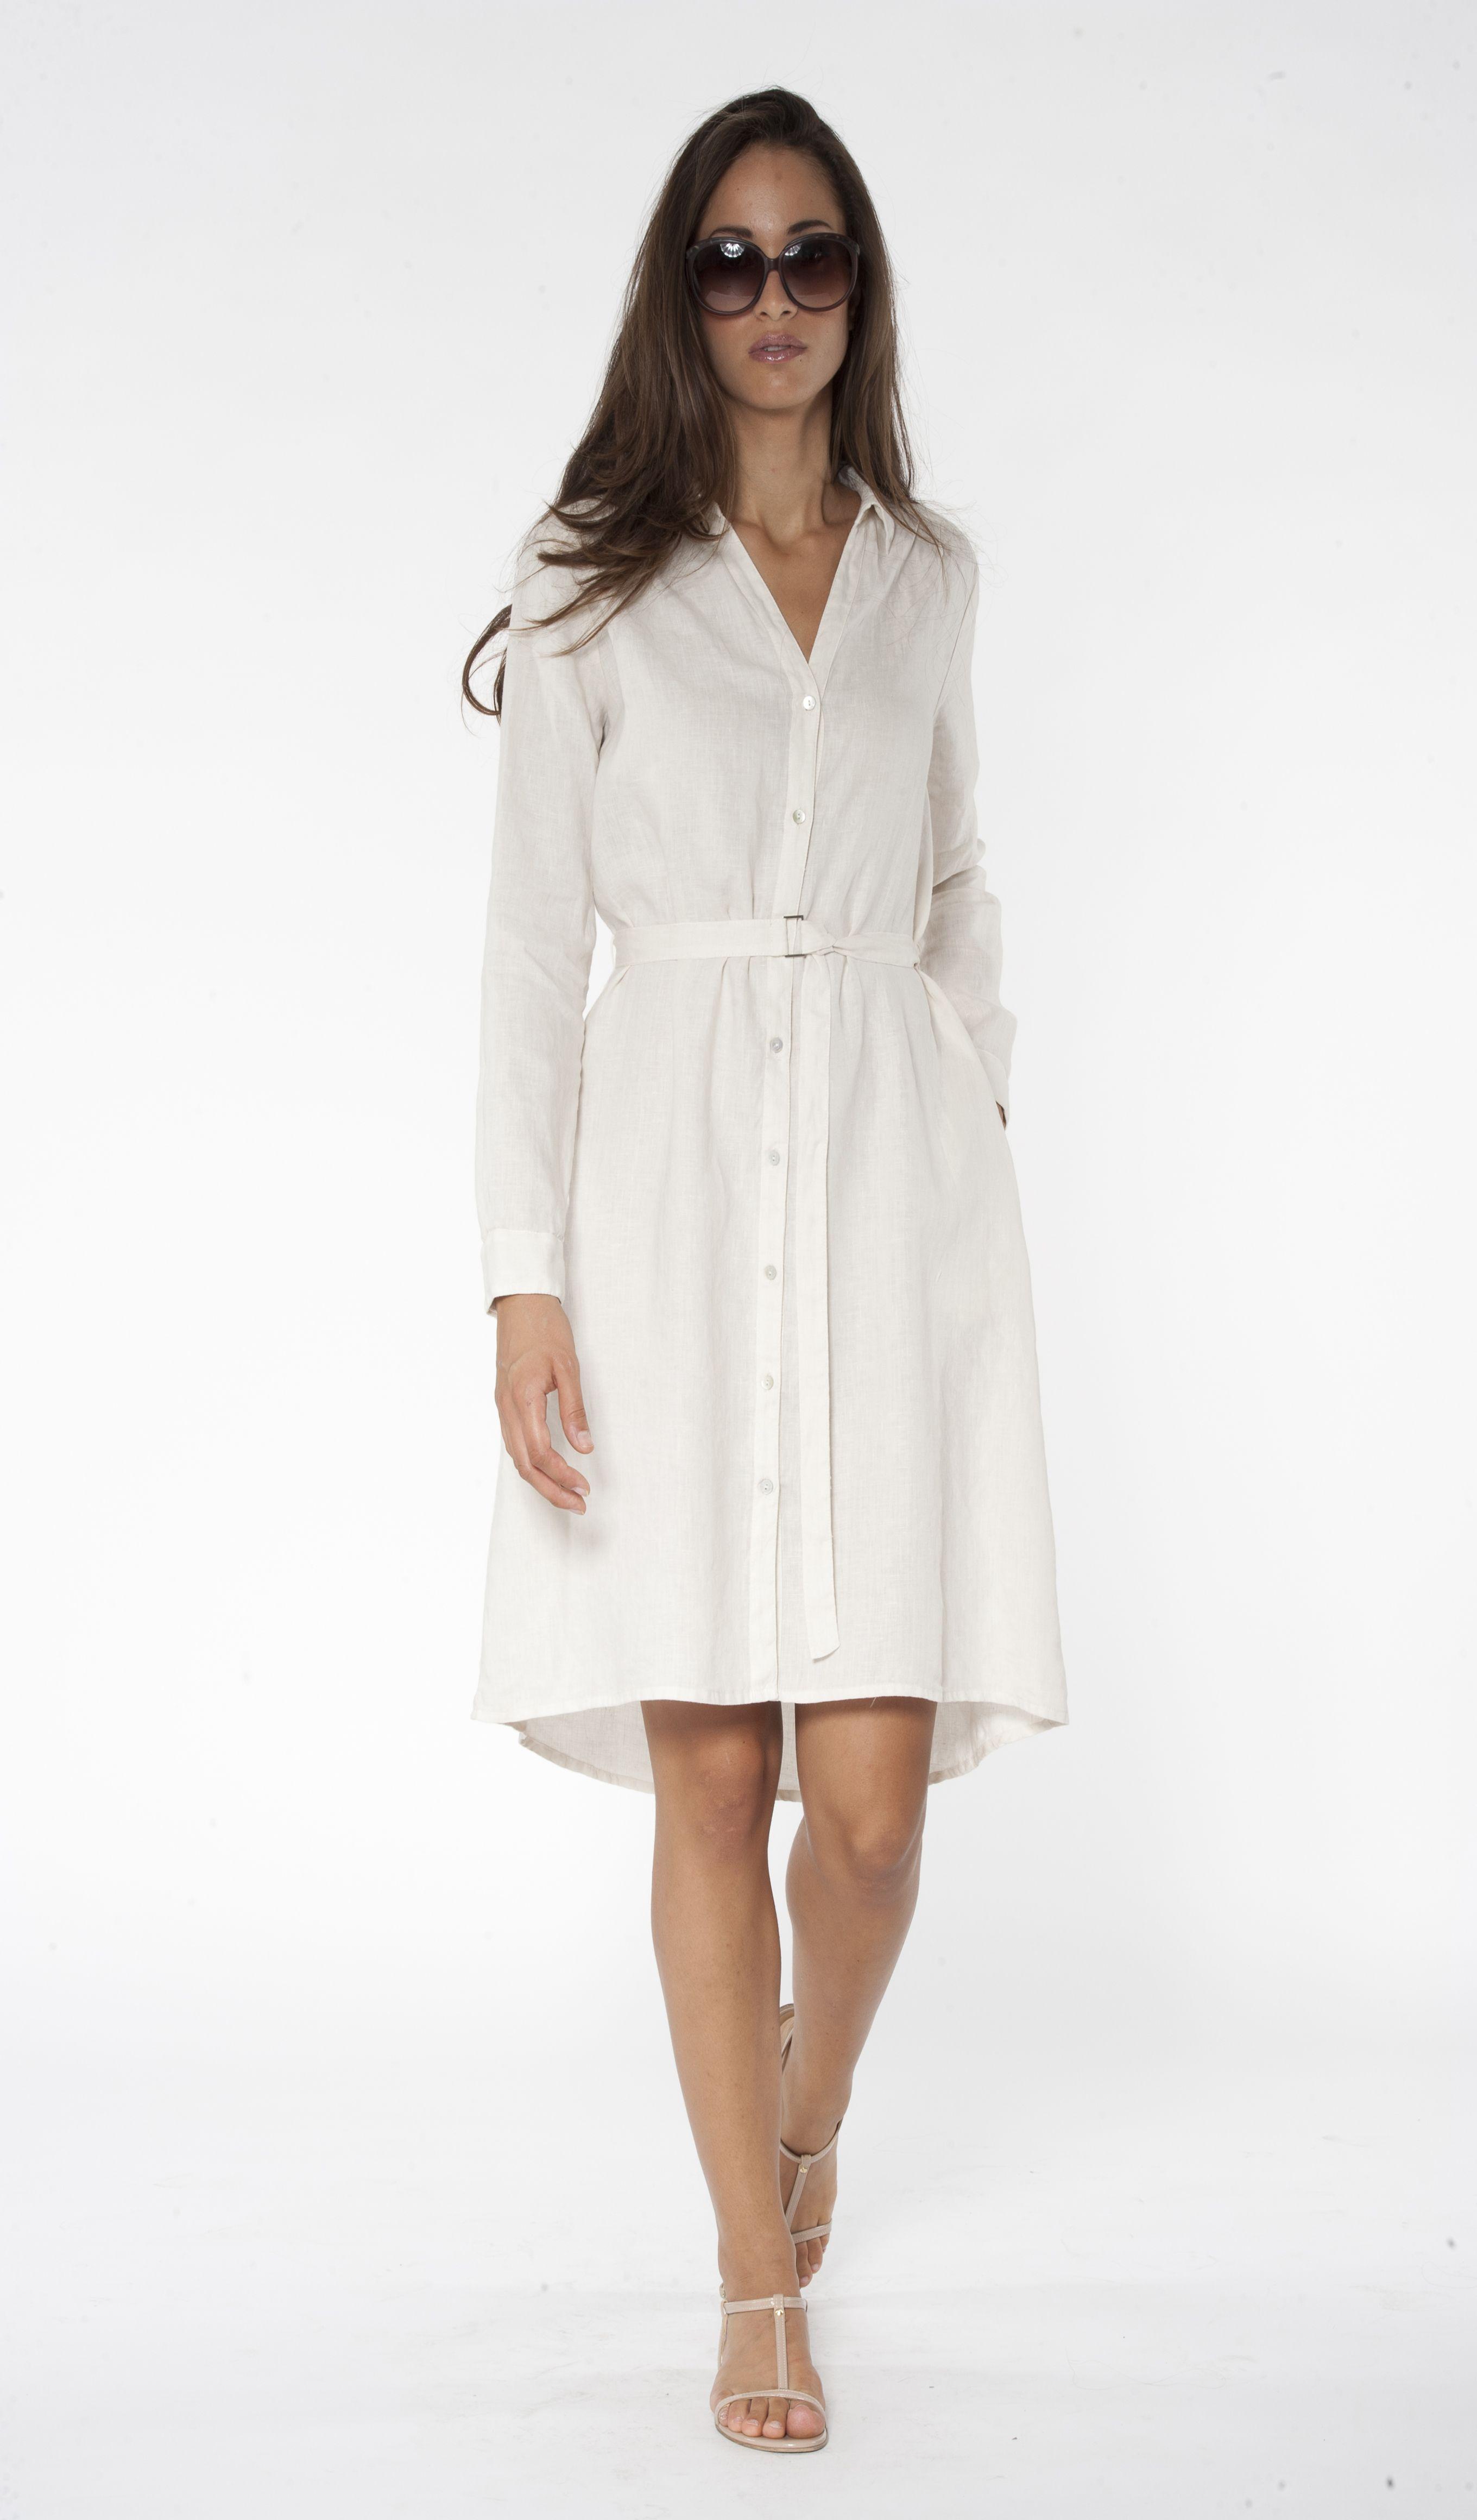 Just stunning this white linen shirt dress 120 lino